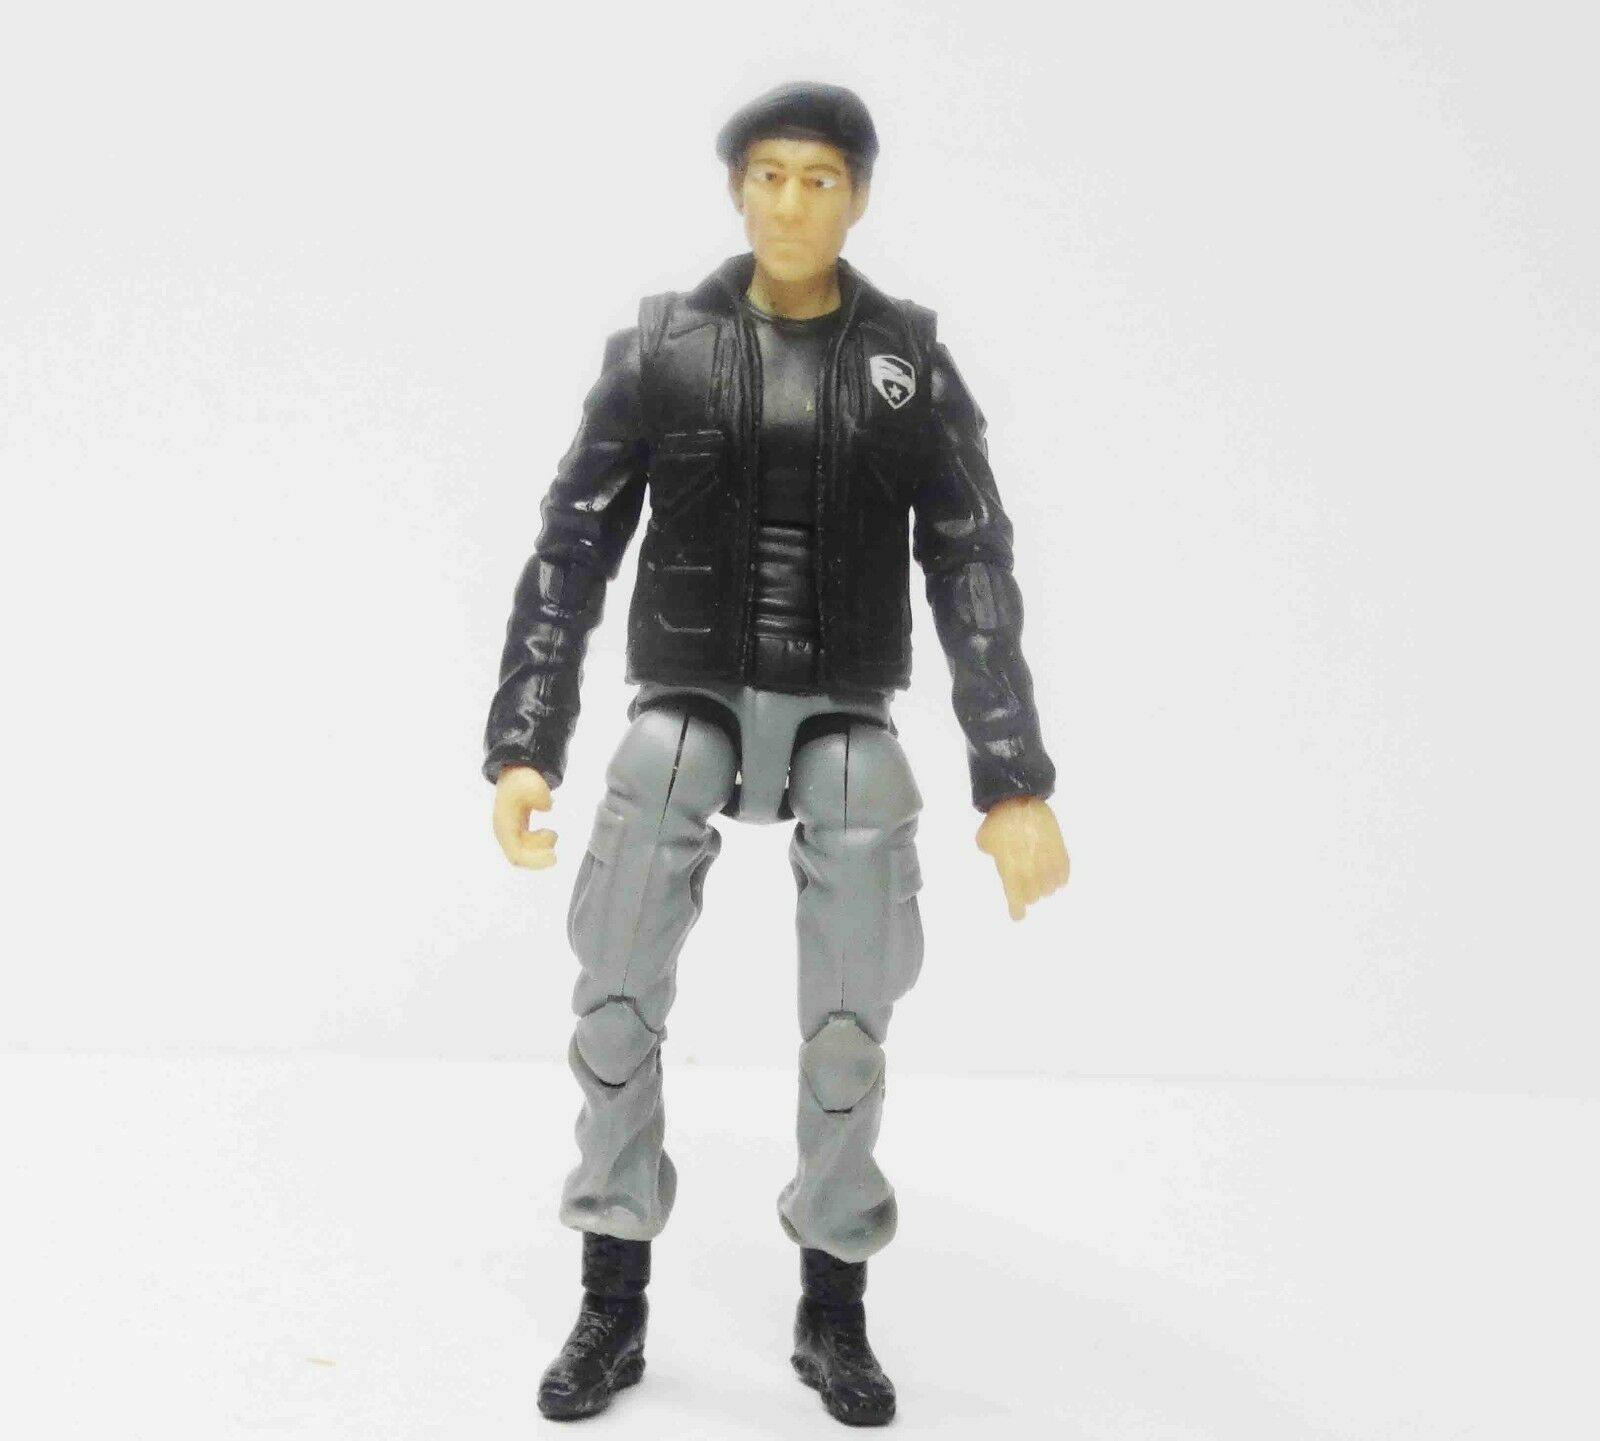 GI JOE Night Force action figure  3.75